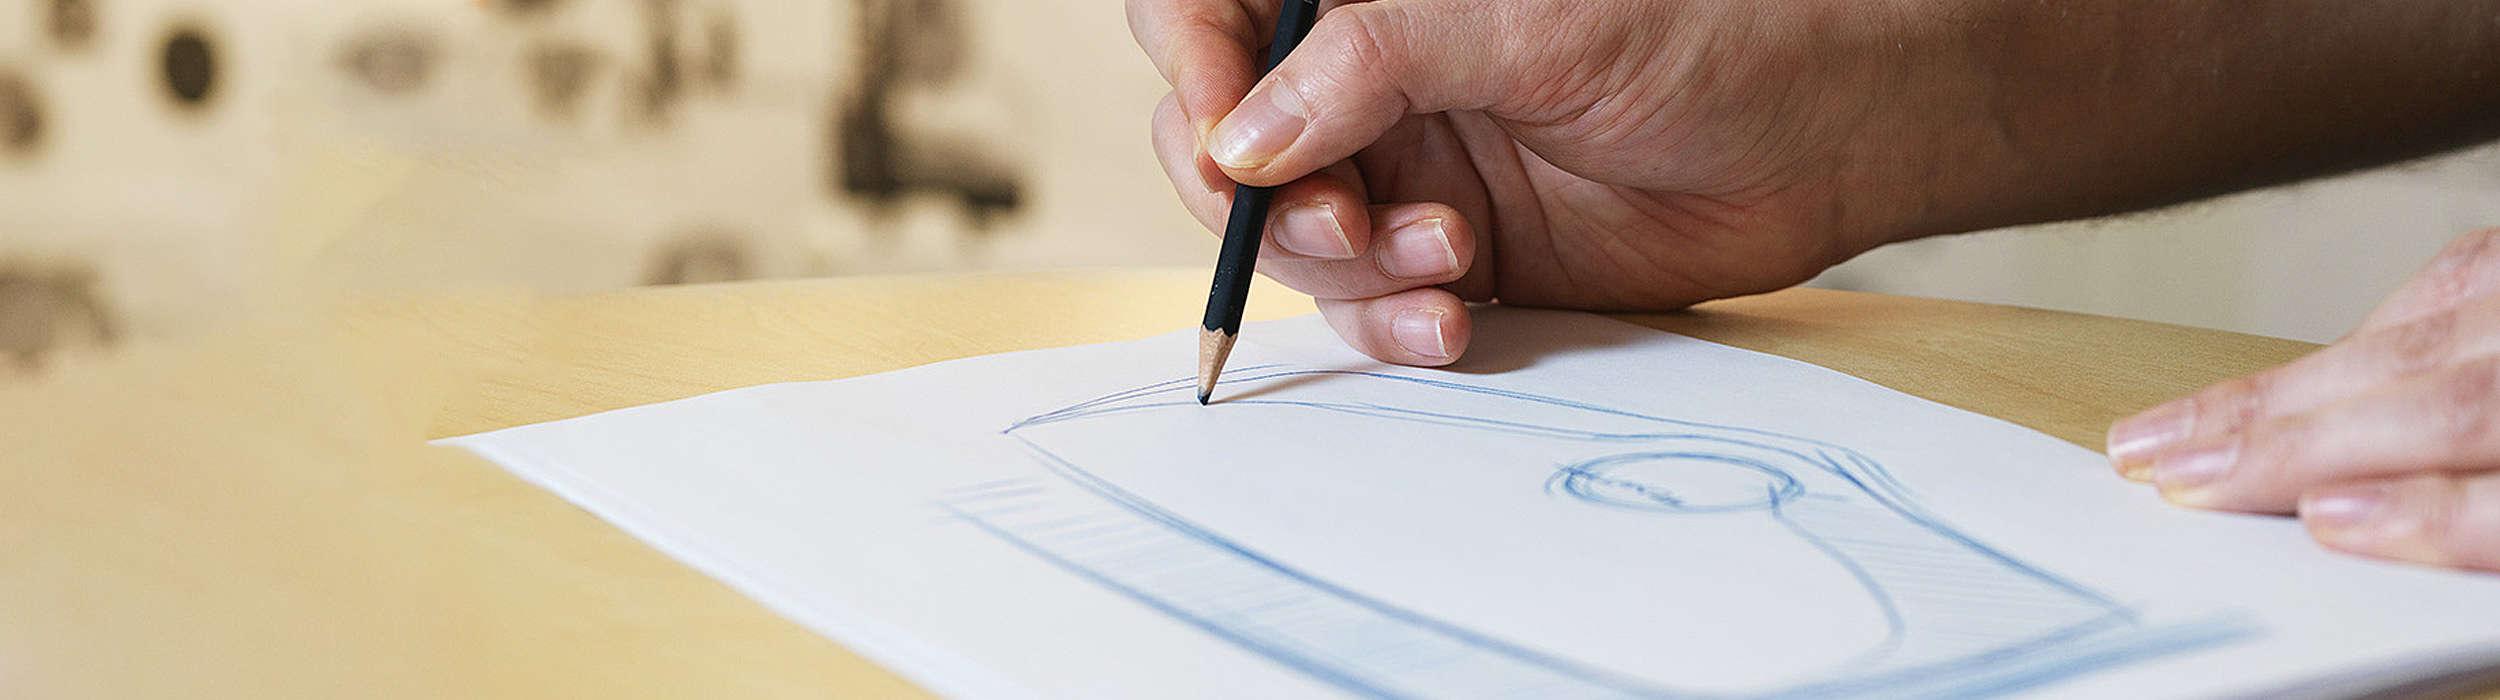 Diseño en papel de una carretilla